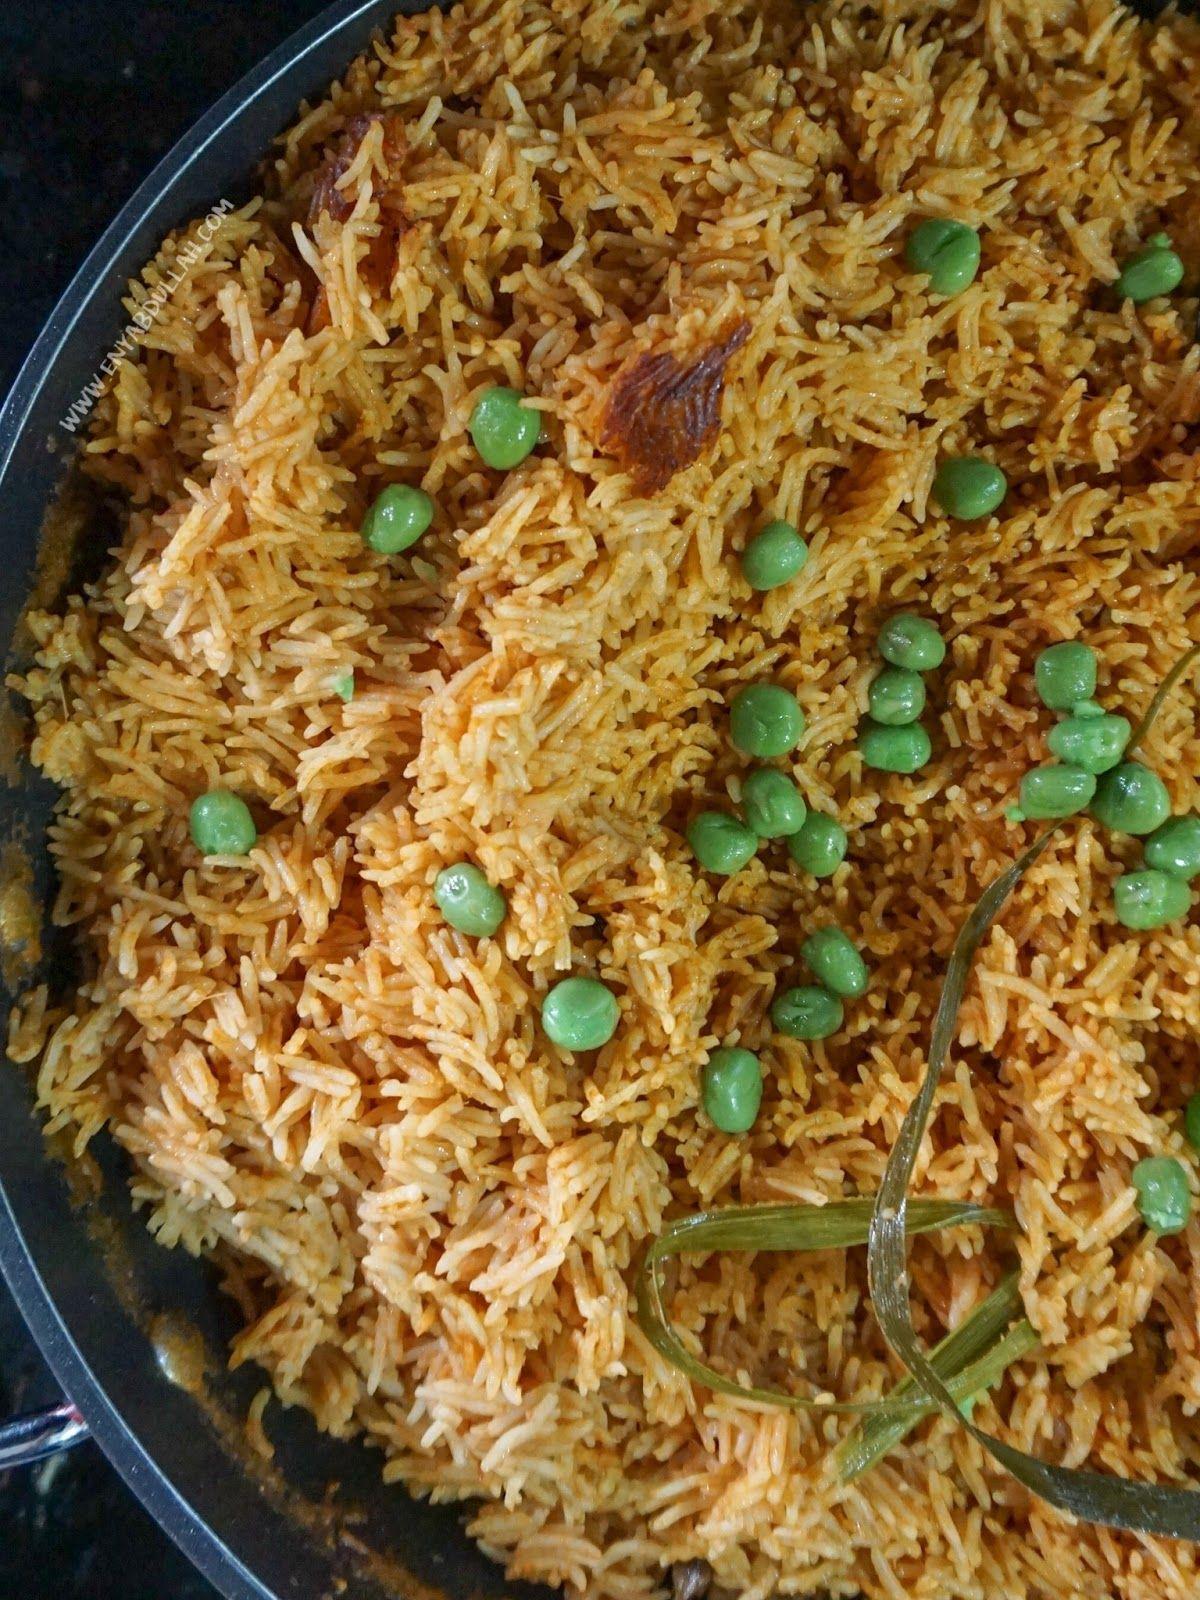 Resepi Nasi Tomato Ayam Masak Merah Kenduri Resepi Ayam Masak Merah Lauk Kenduri Nasi Tomato Sedap Ayam Masak Mera Resep Masakan Malaysia Resep Ayam Resep